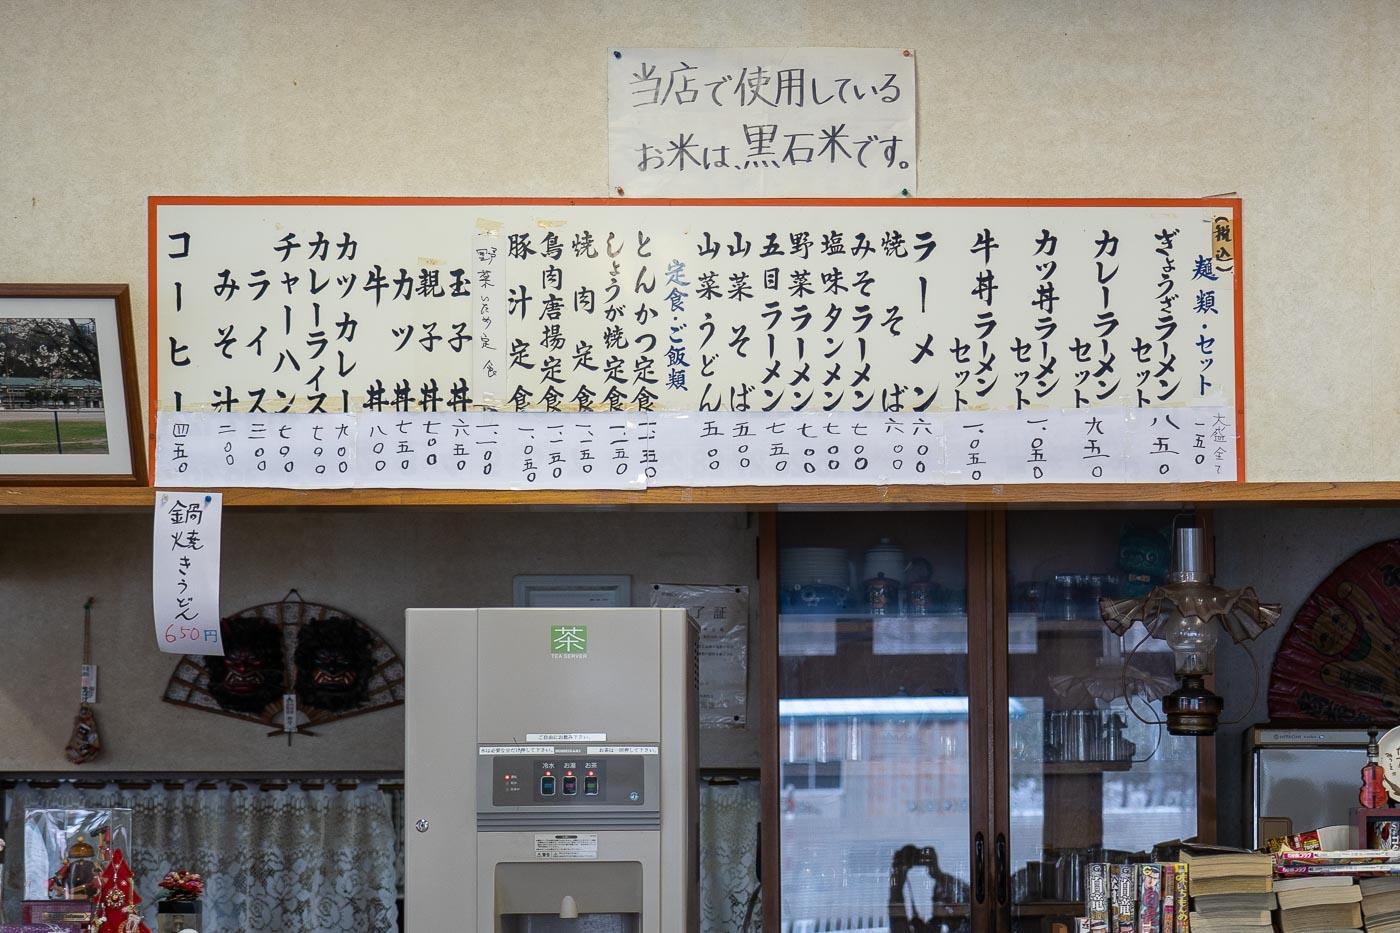 ドライブイン西十和田のメニュー